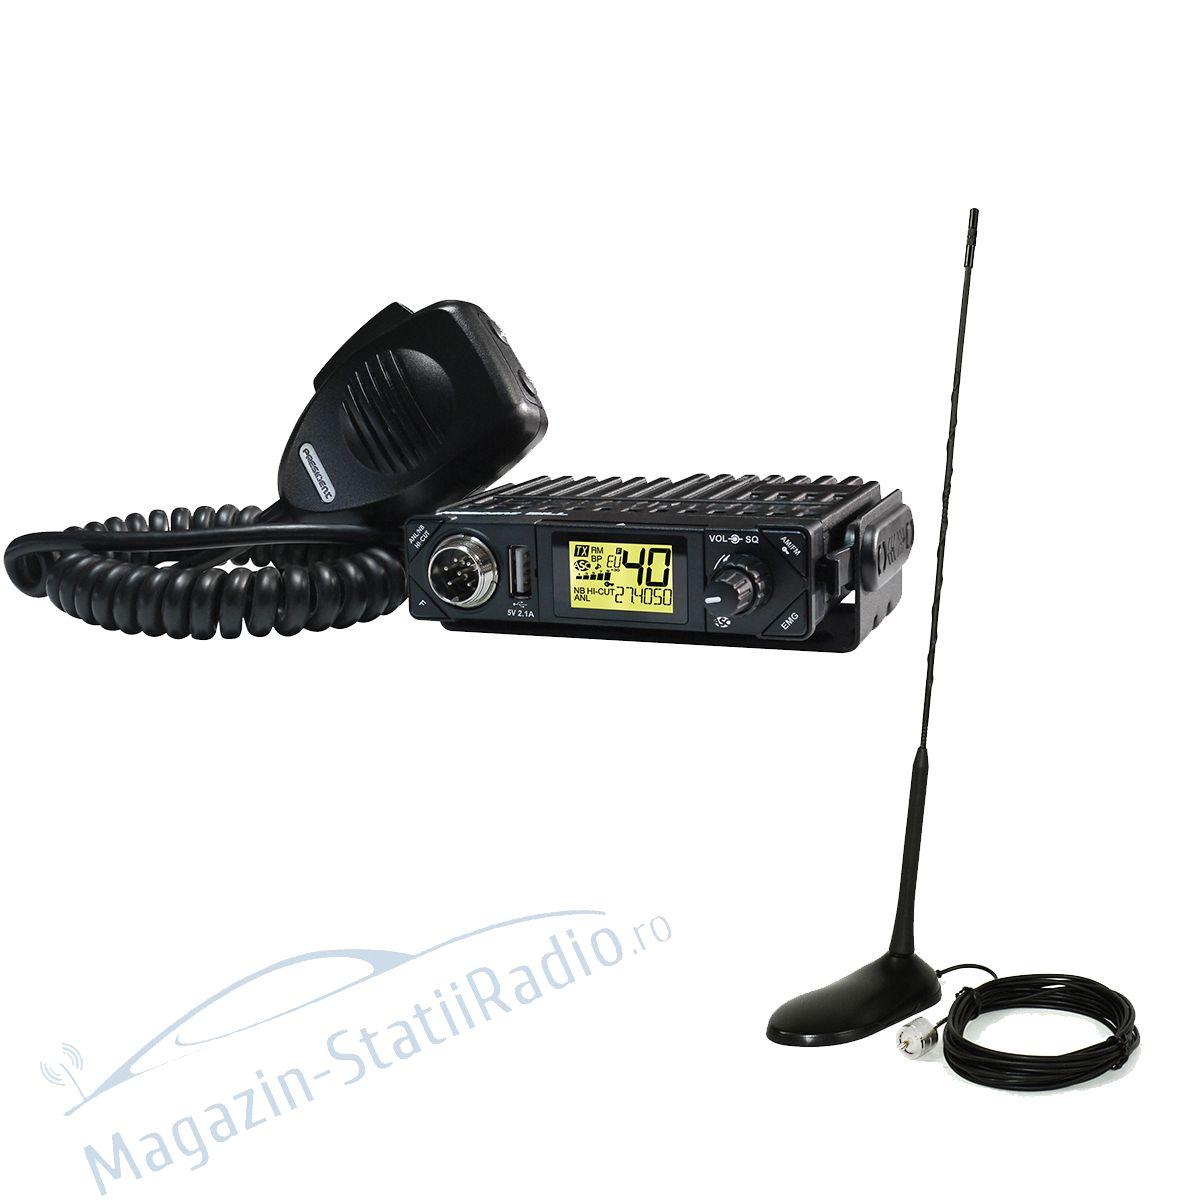 Statie Radio President BILL AM/FM ASC + Antena CB PNI Extra 45